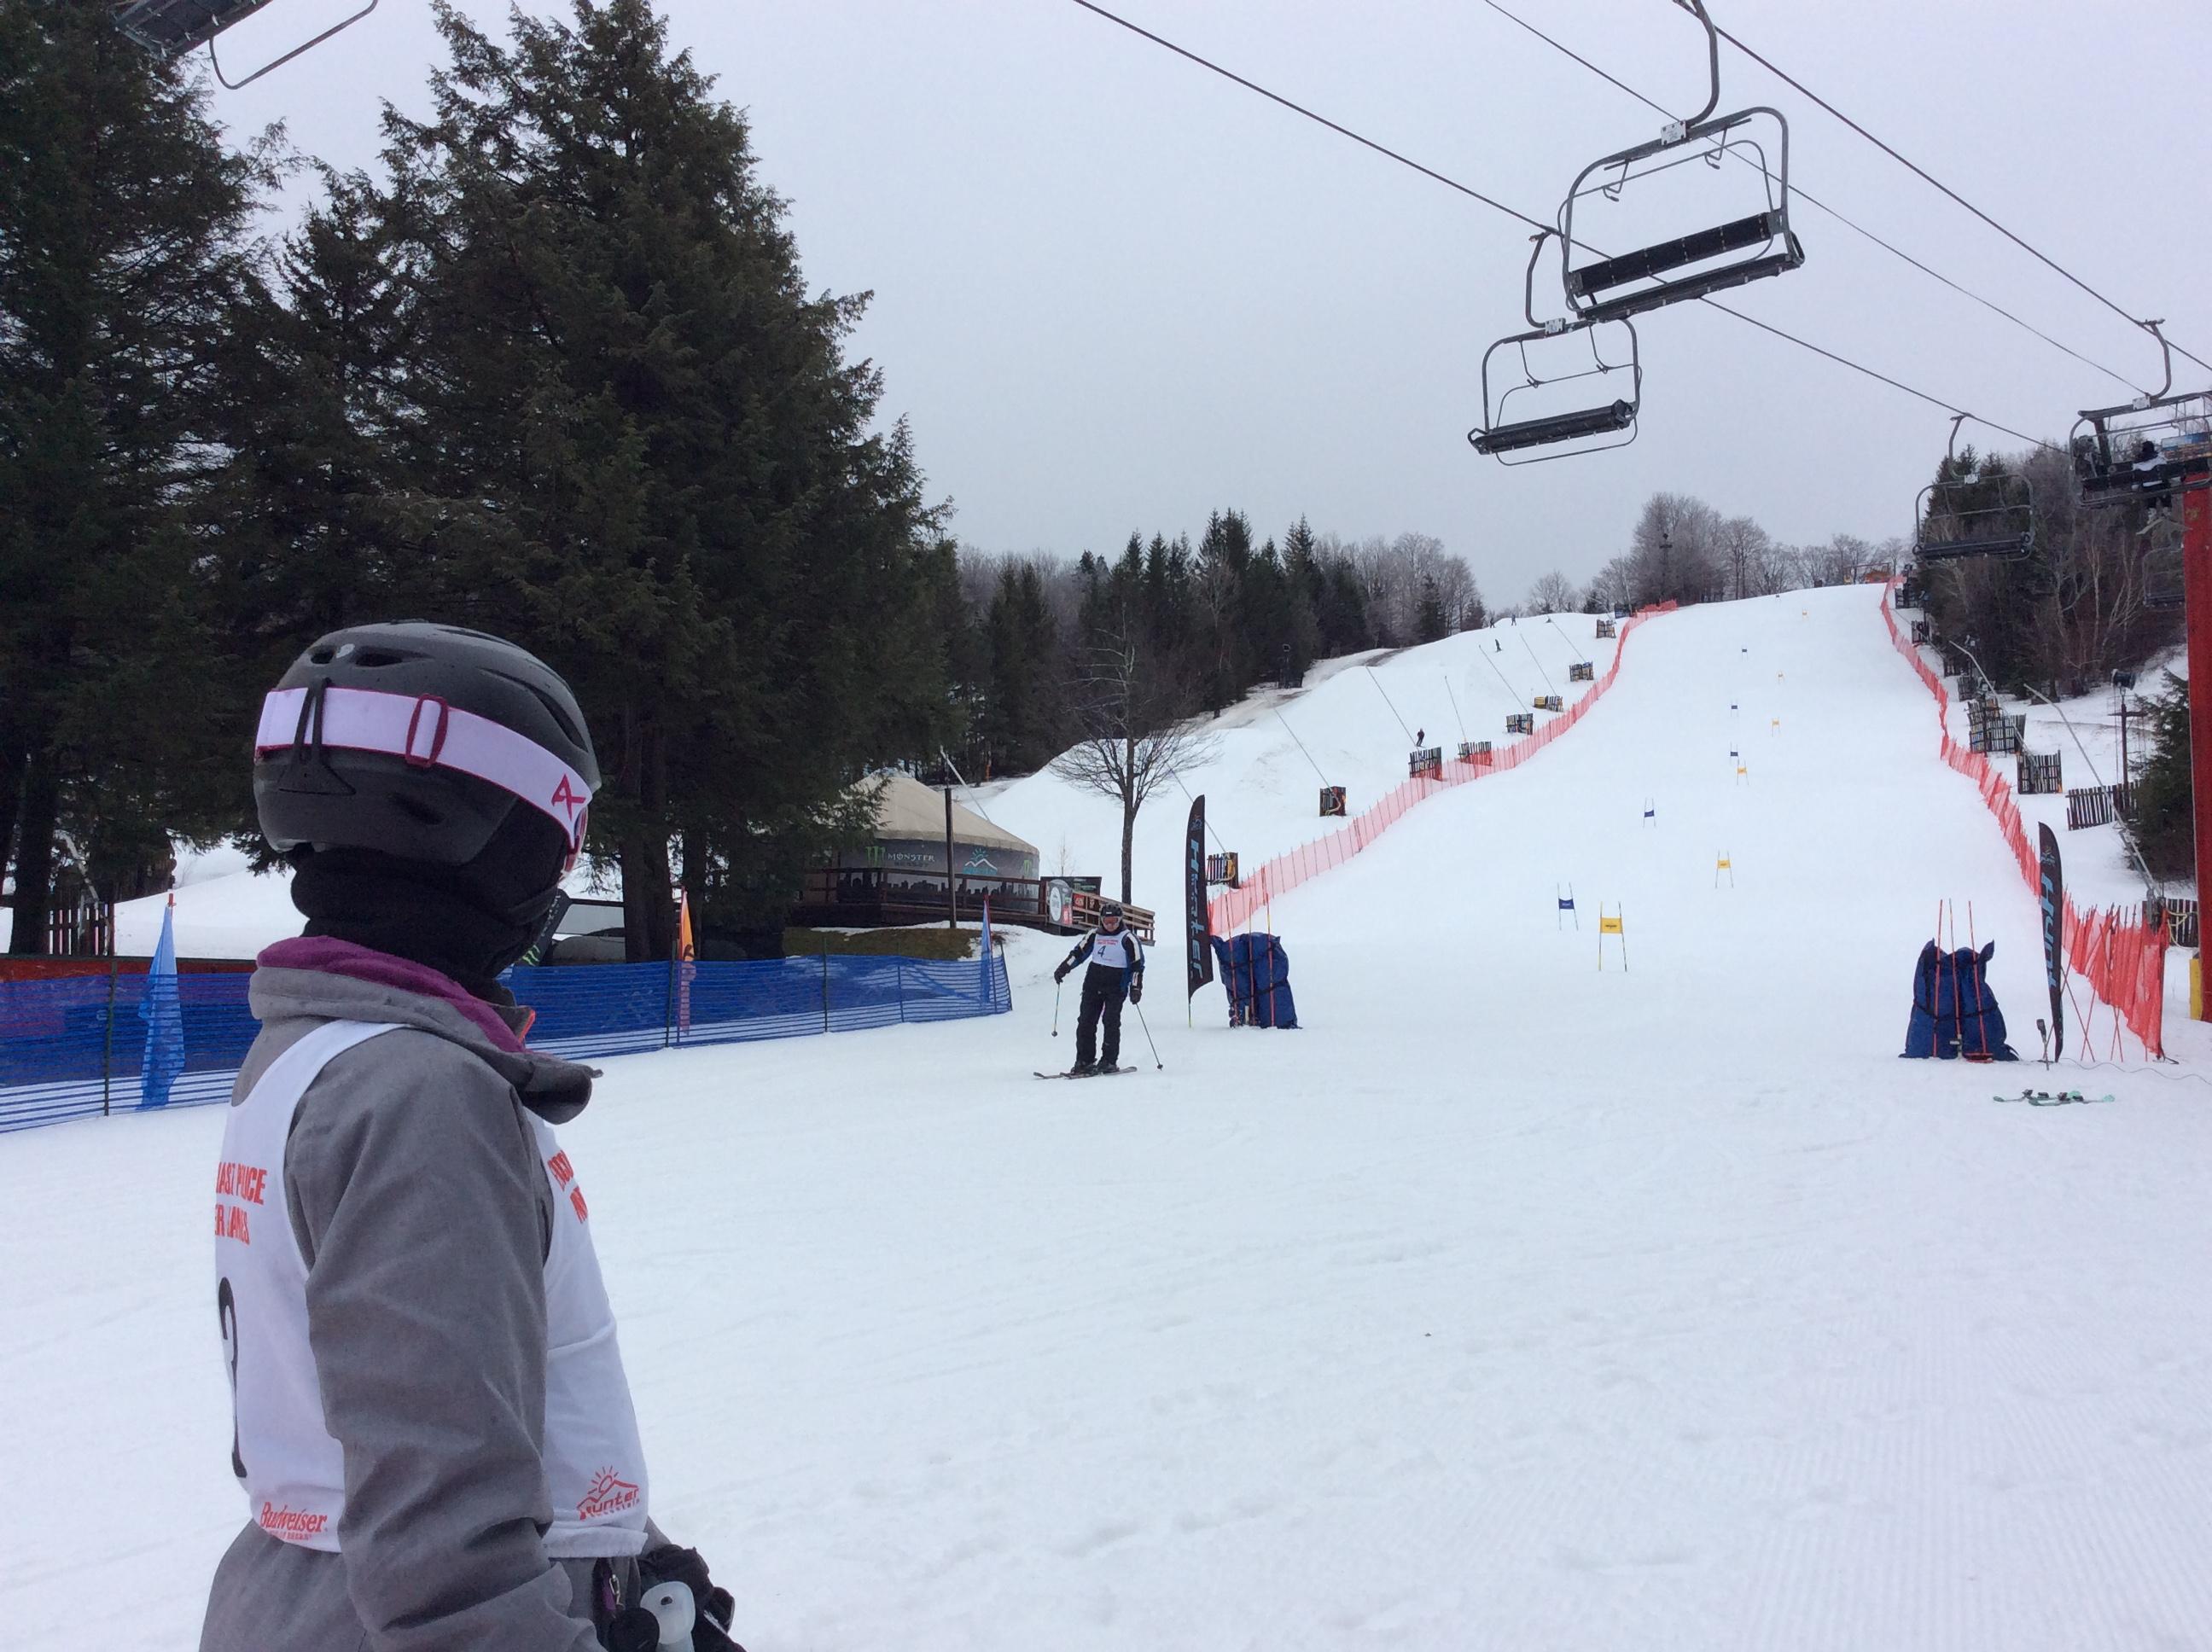 nypd-ski-club_32396166165_o